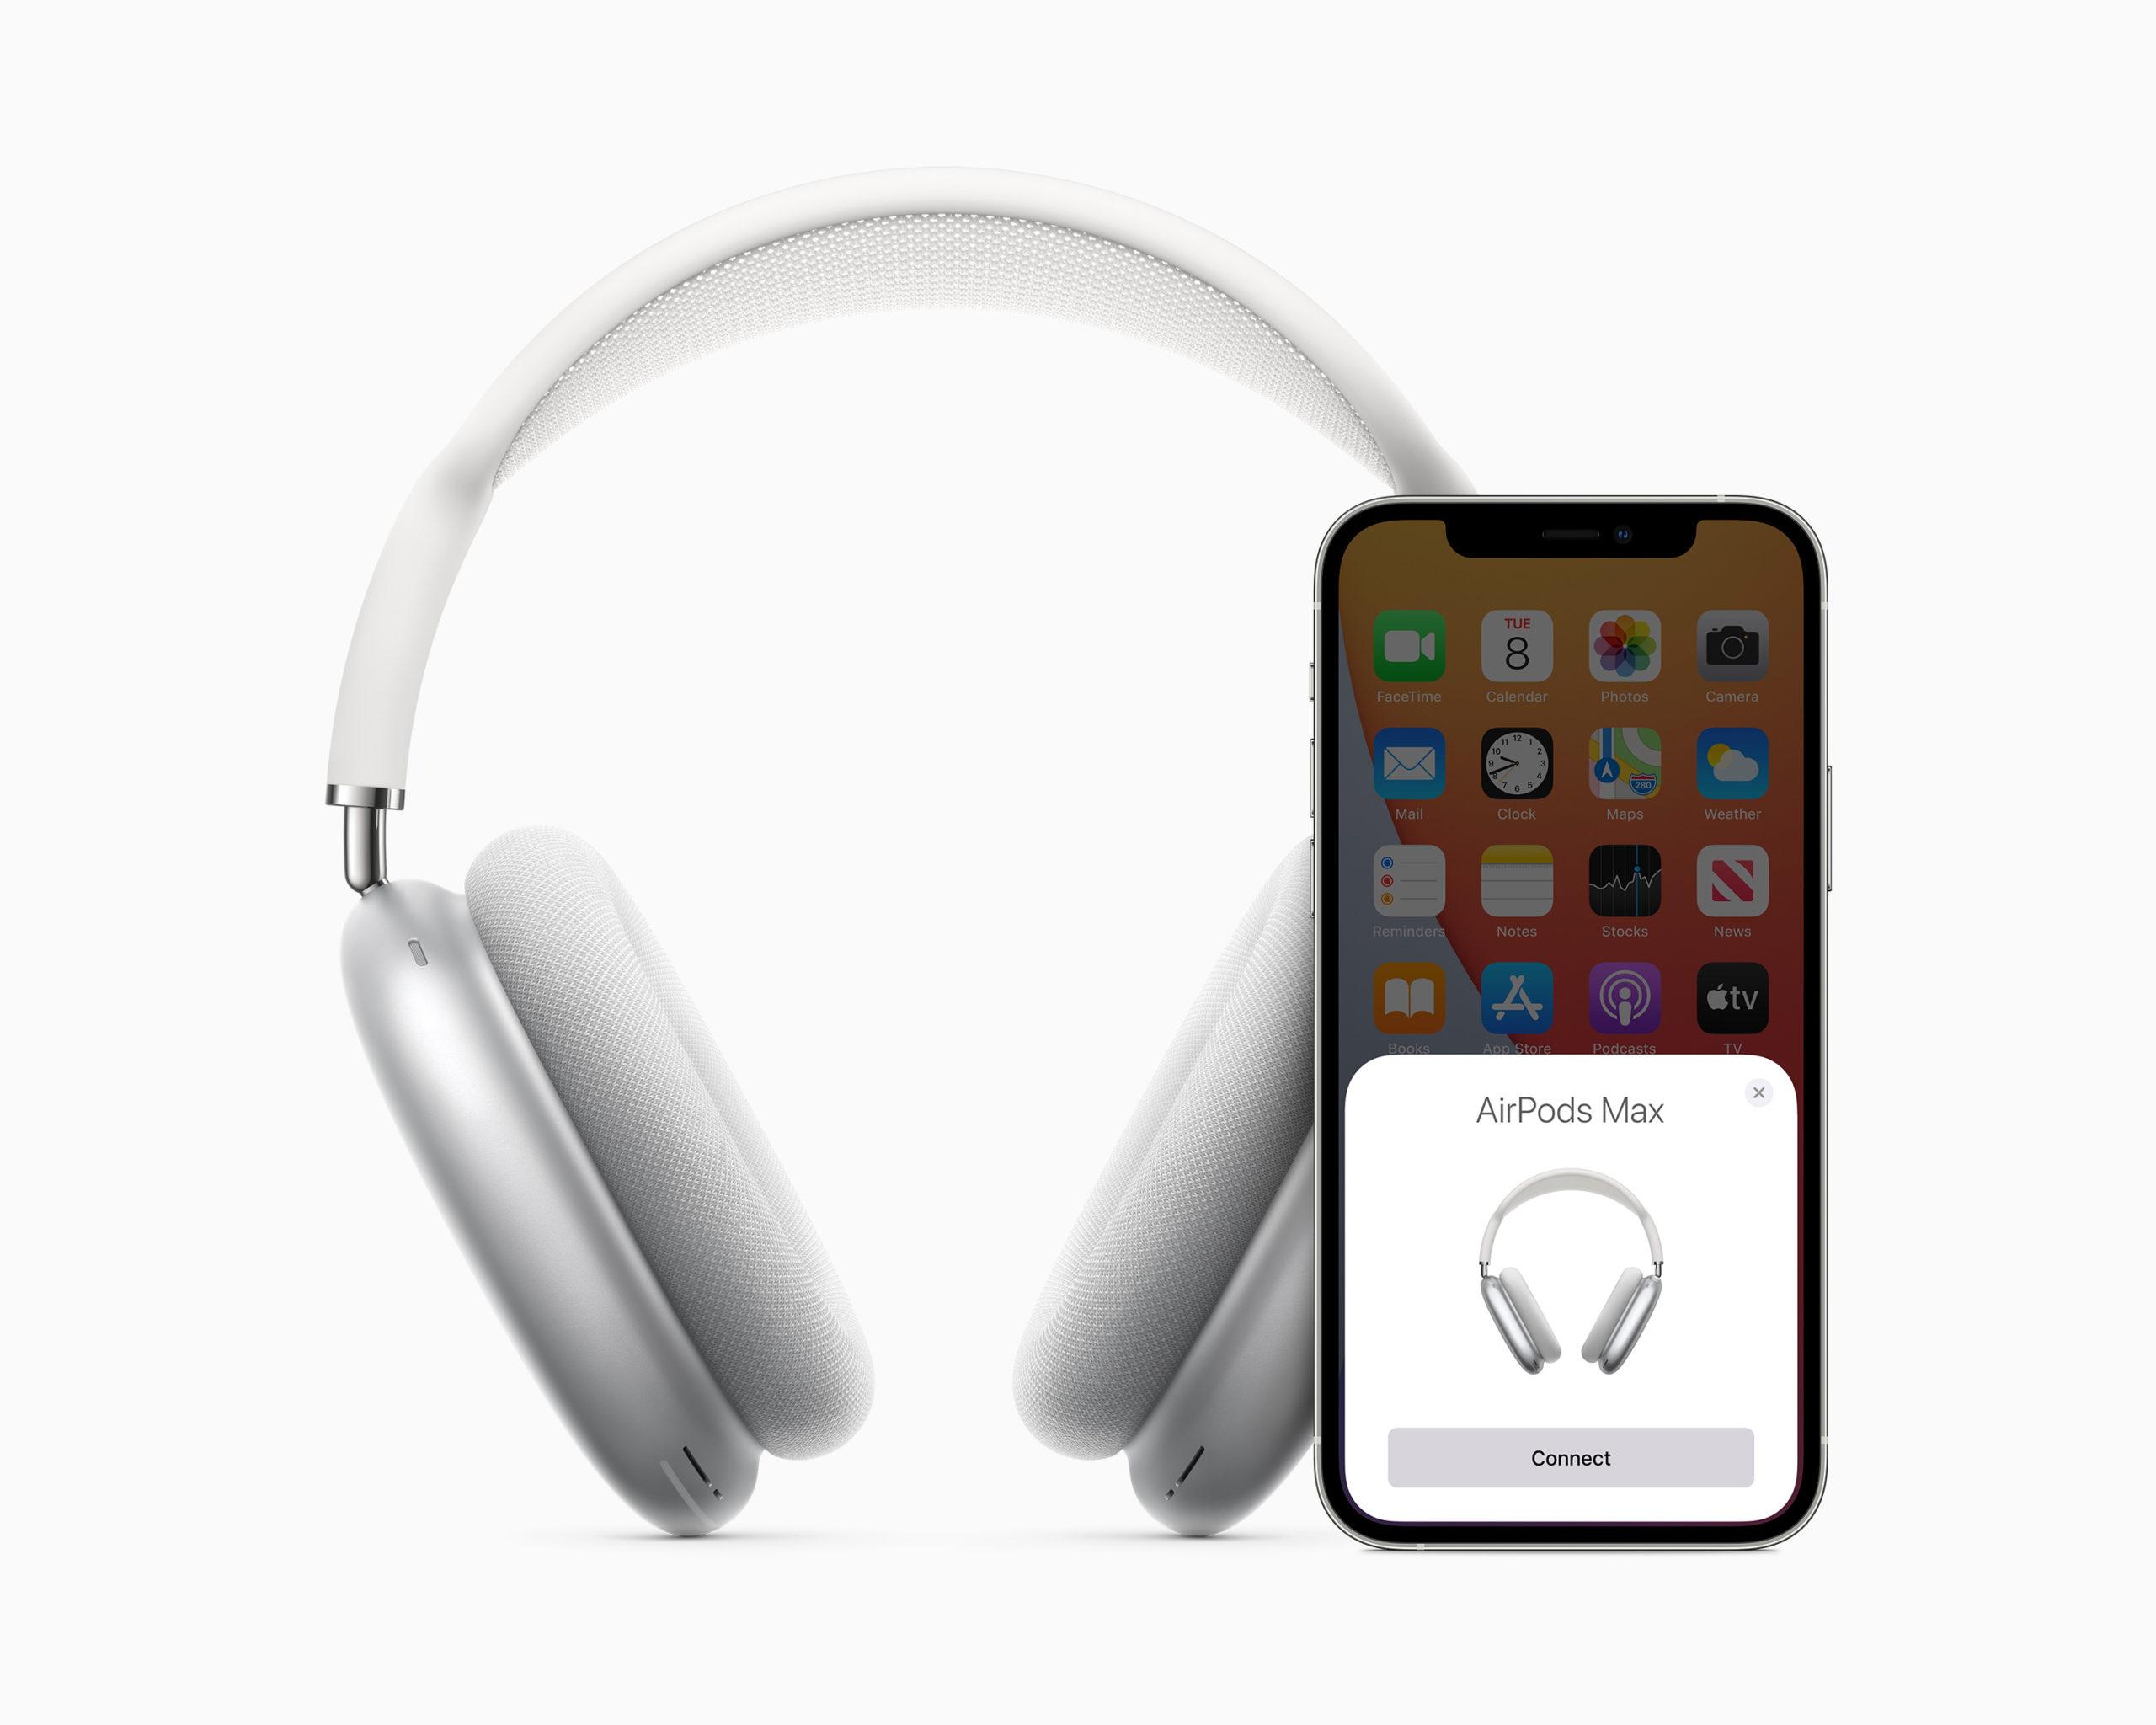 AirPods Max sincronizados con el iPhone